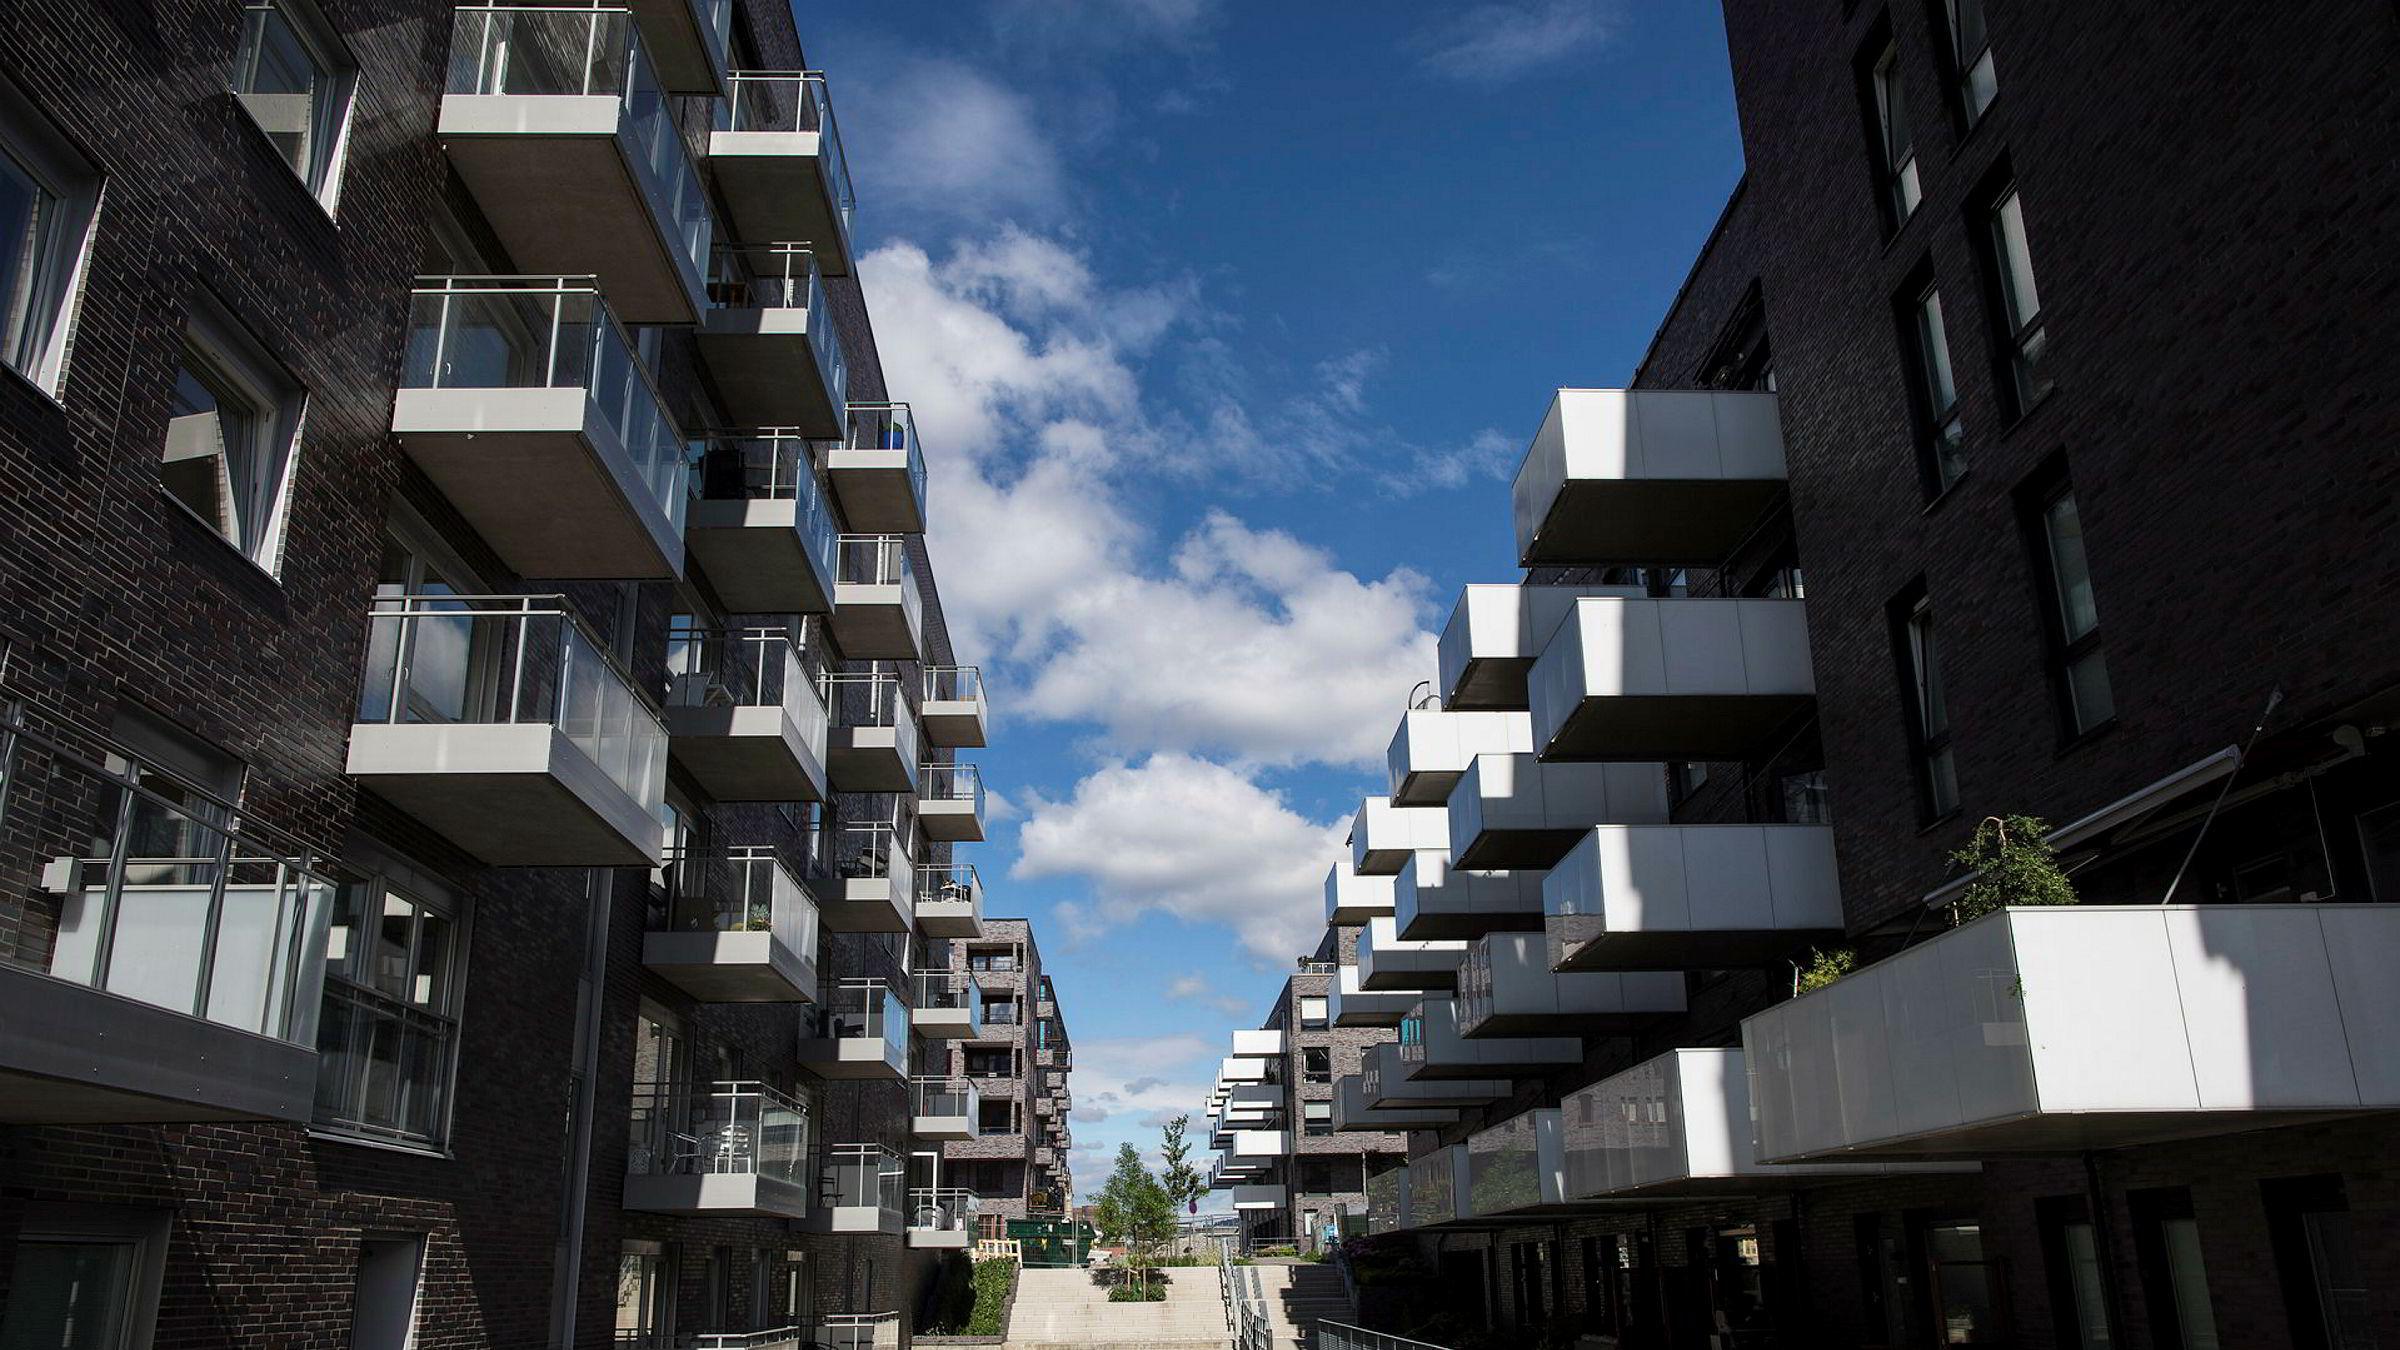 Boligprisene har begynt å falle etter lang tid med kraftig oppgang. Illustrasjonsbilde fra Sørenga i Oslo.